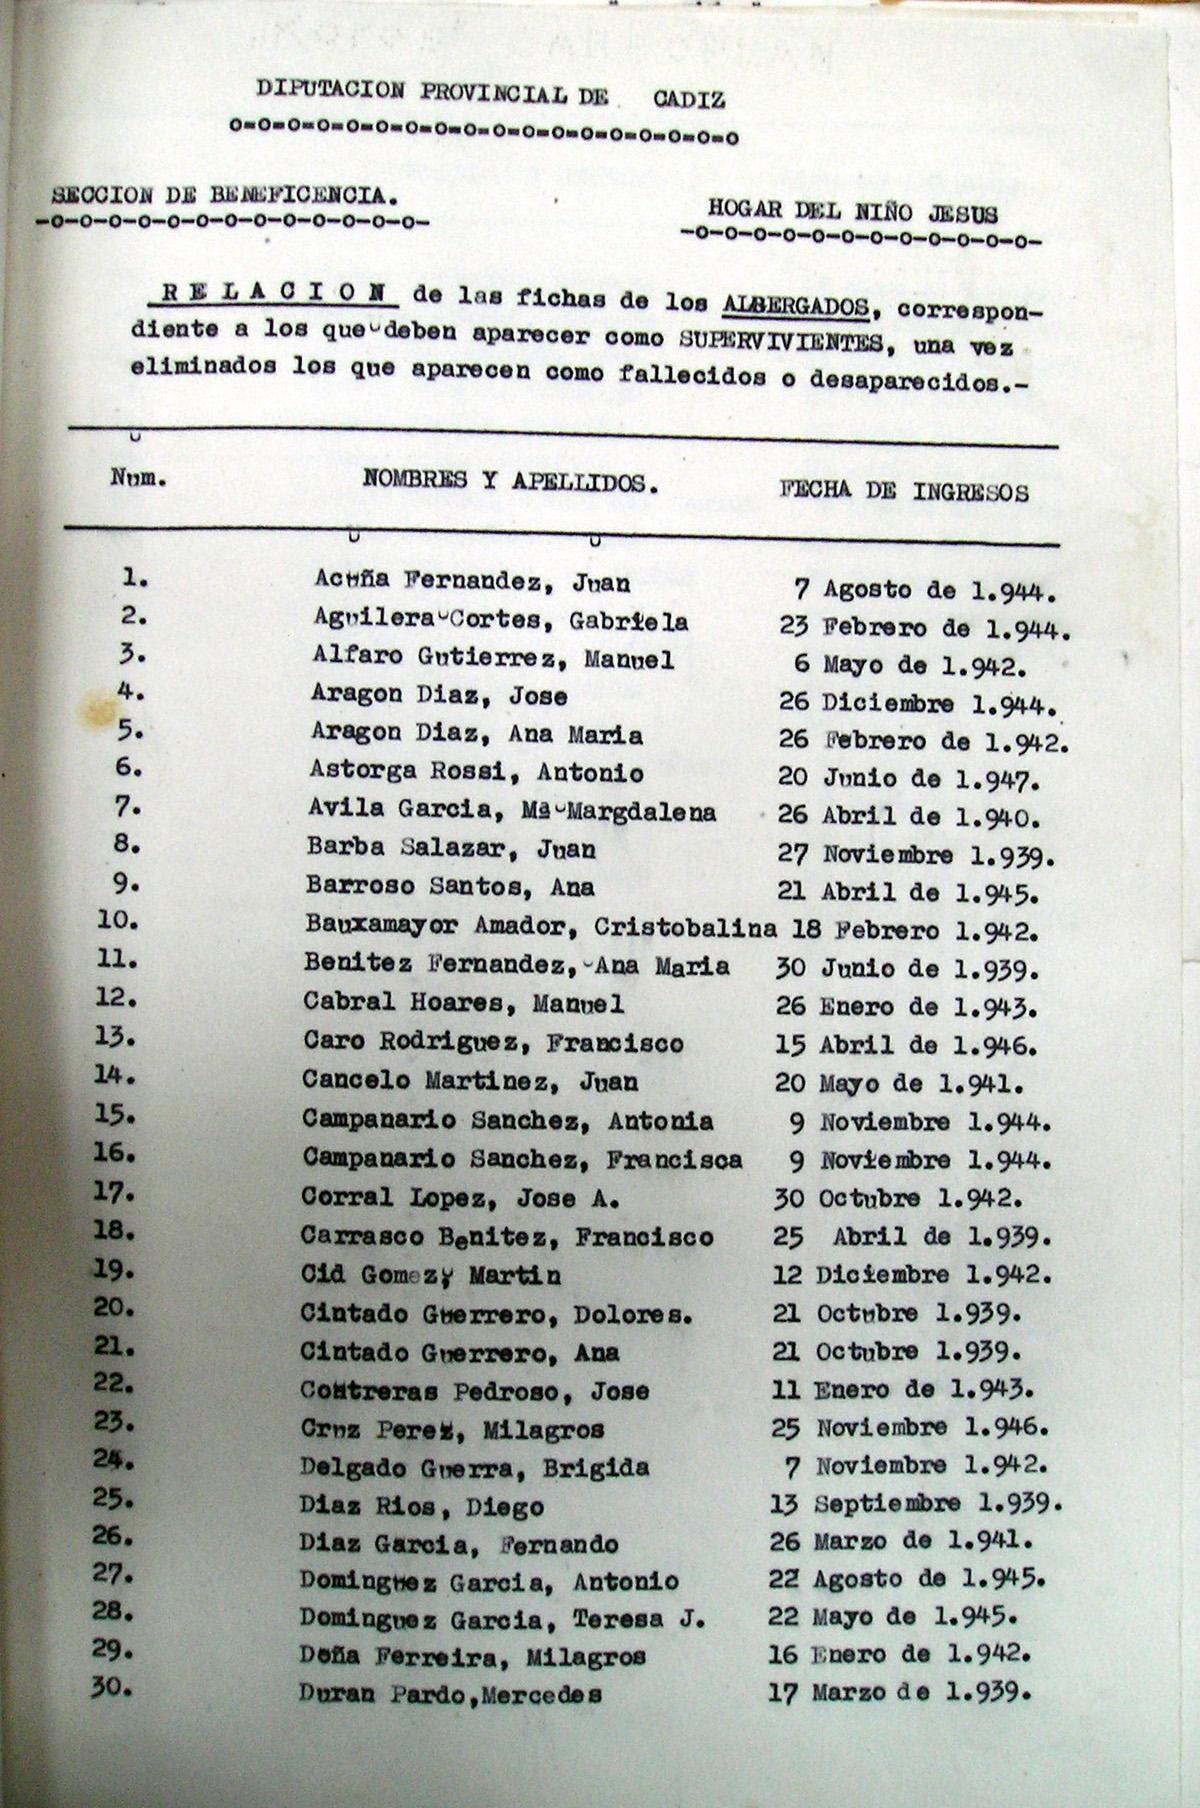 Lista de niños albergados de la Casa Cuna que debían aparecer como supervivientes 1